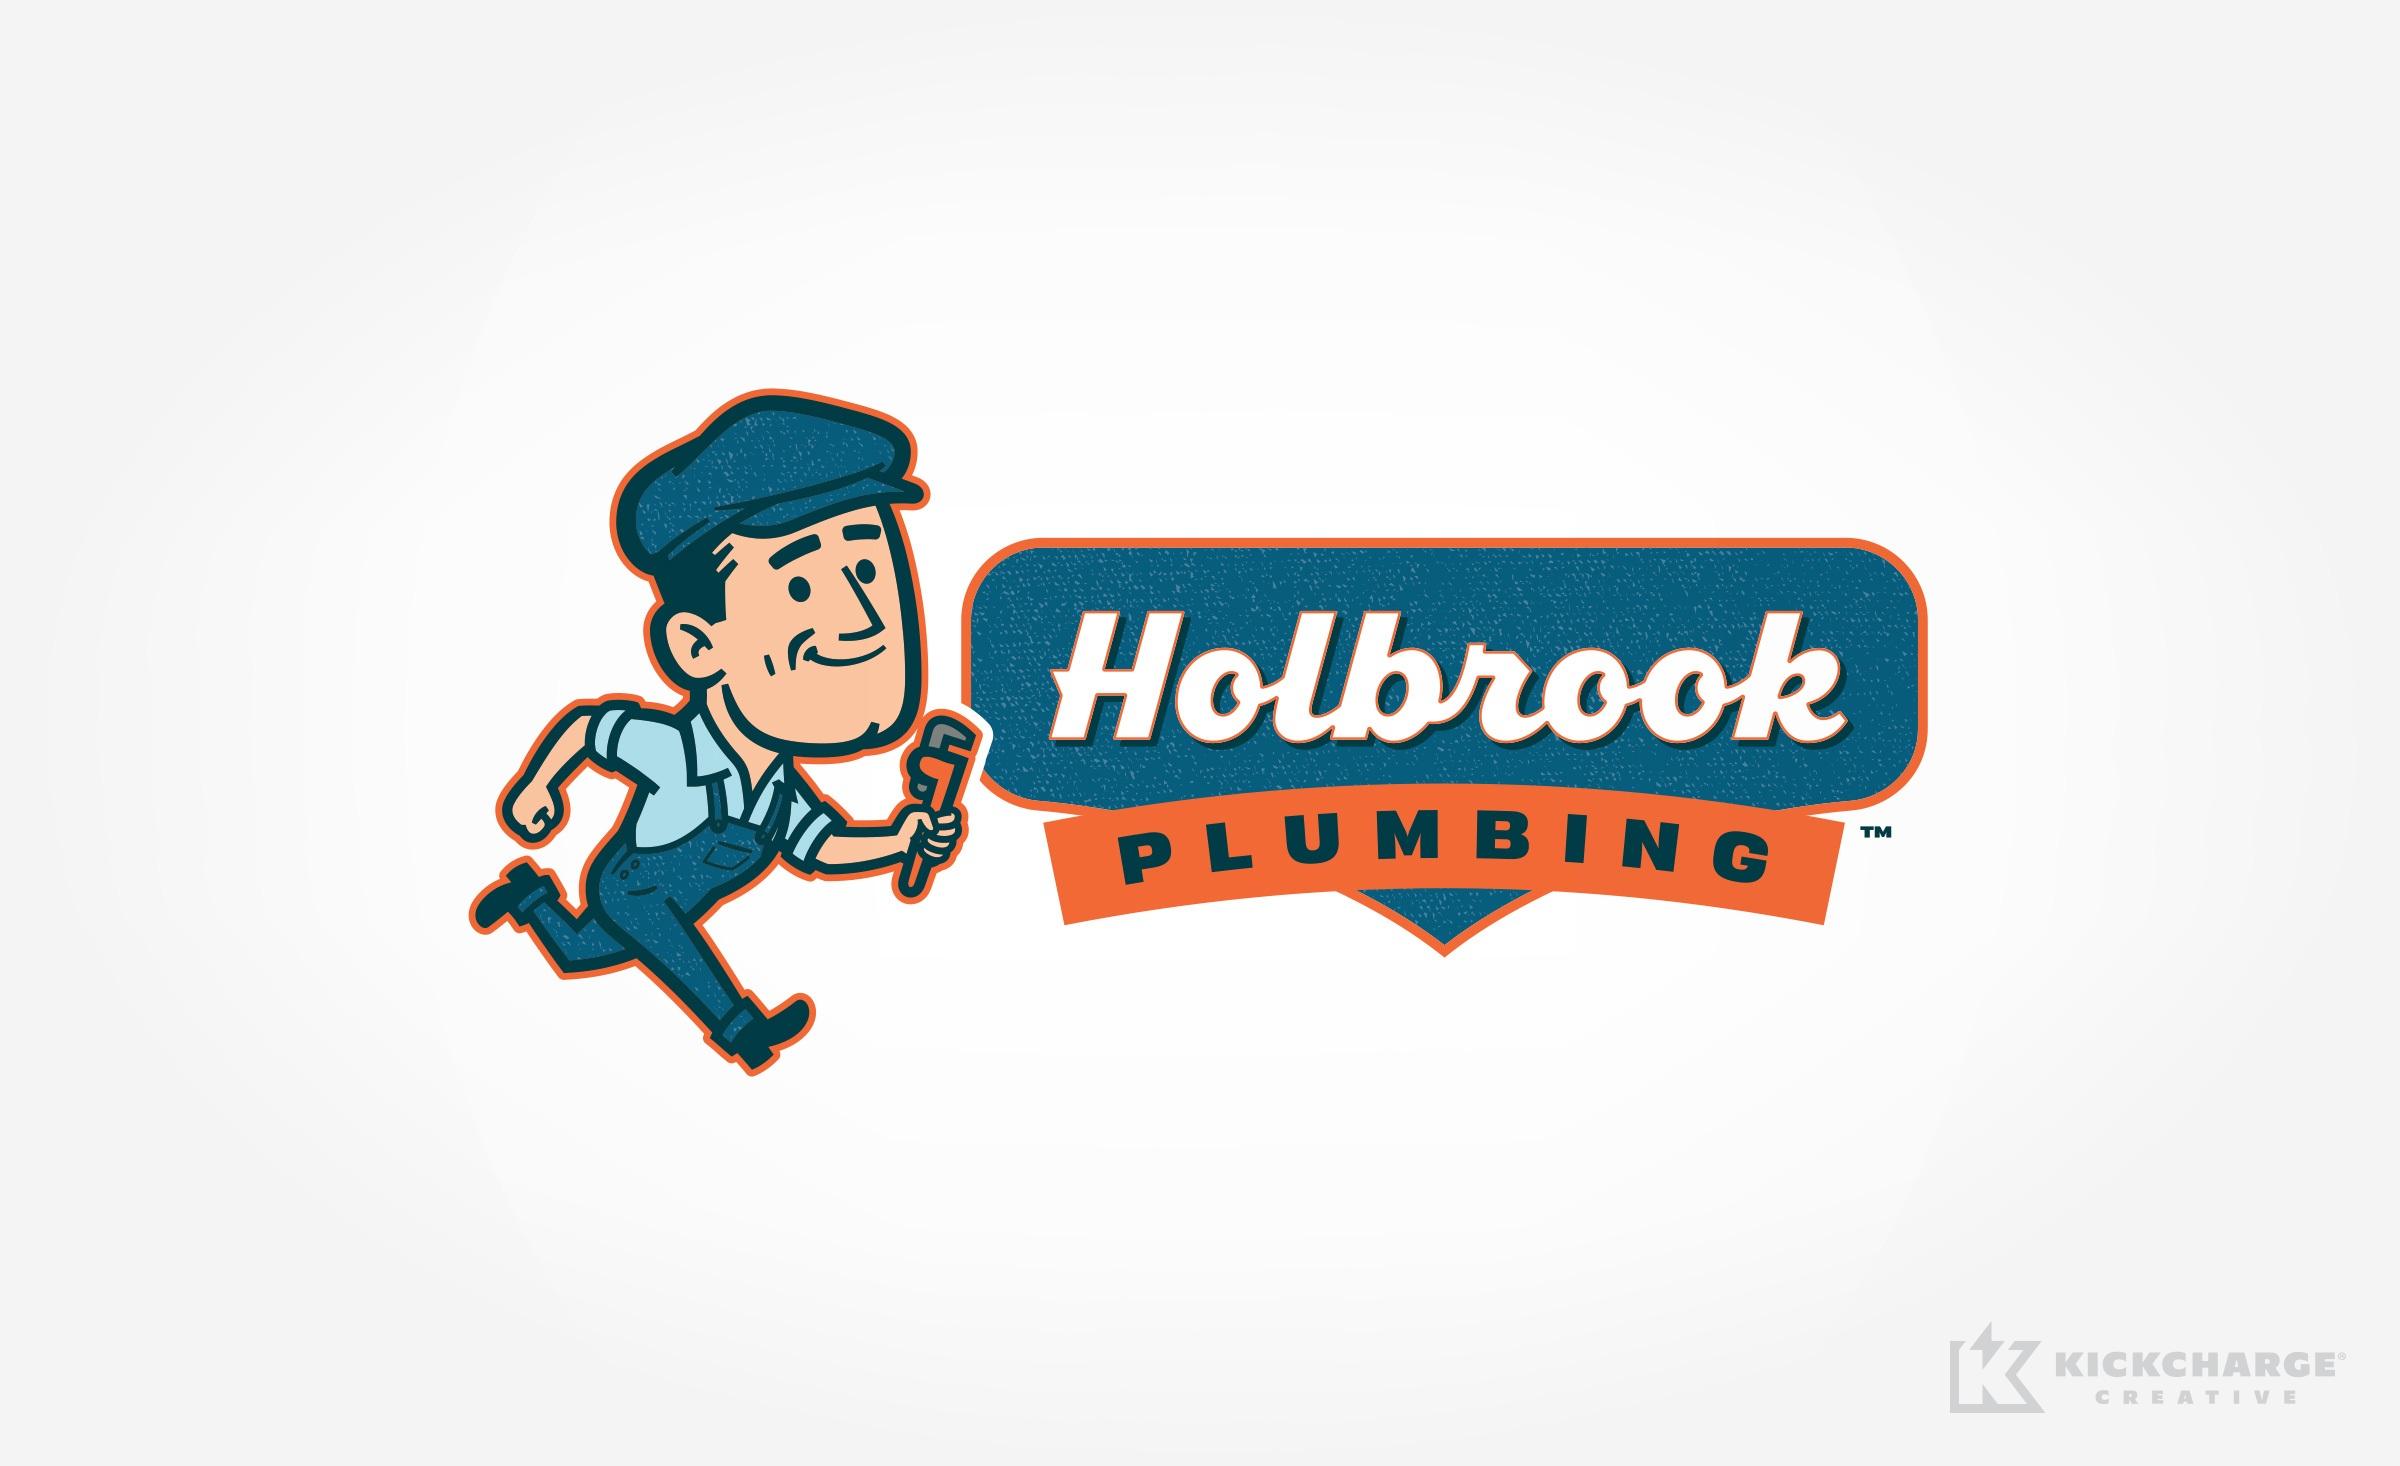 plumbing logo for Holbrook Plumbing